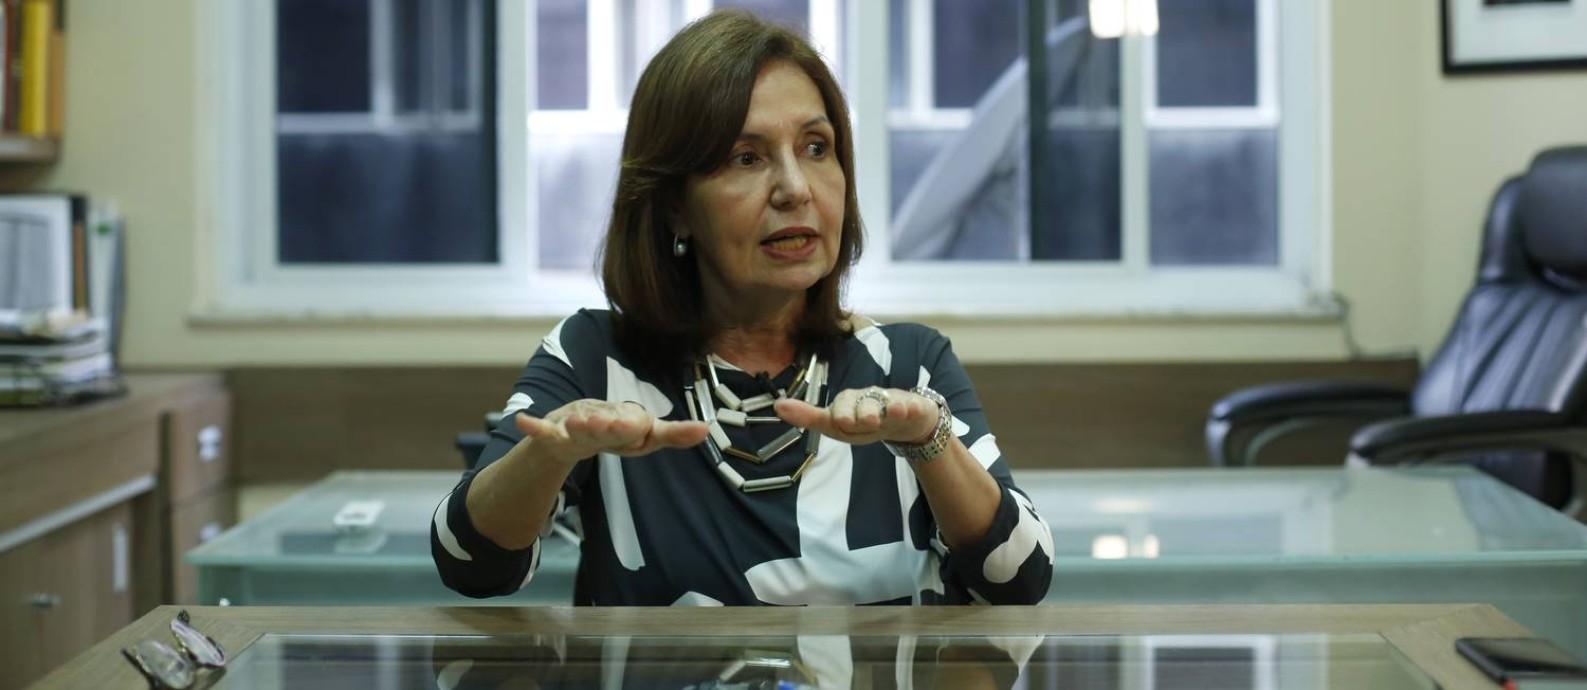 Martha Rocha* diputa a prefeitura do Rio pelo PDT Foto: Fabio Rossi / Agência O Globo